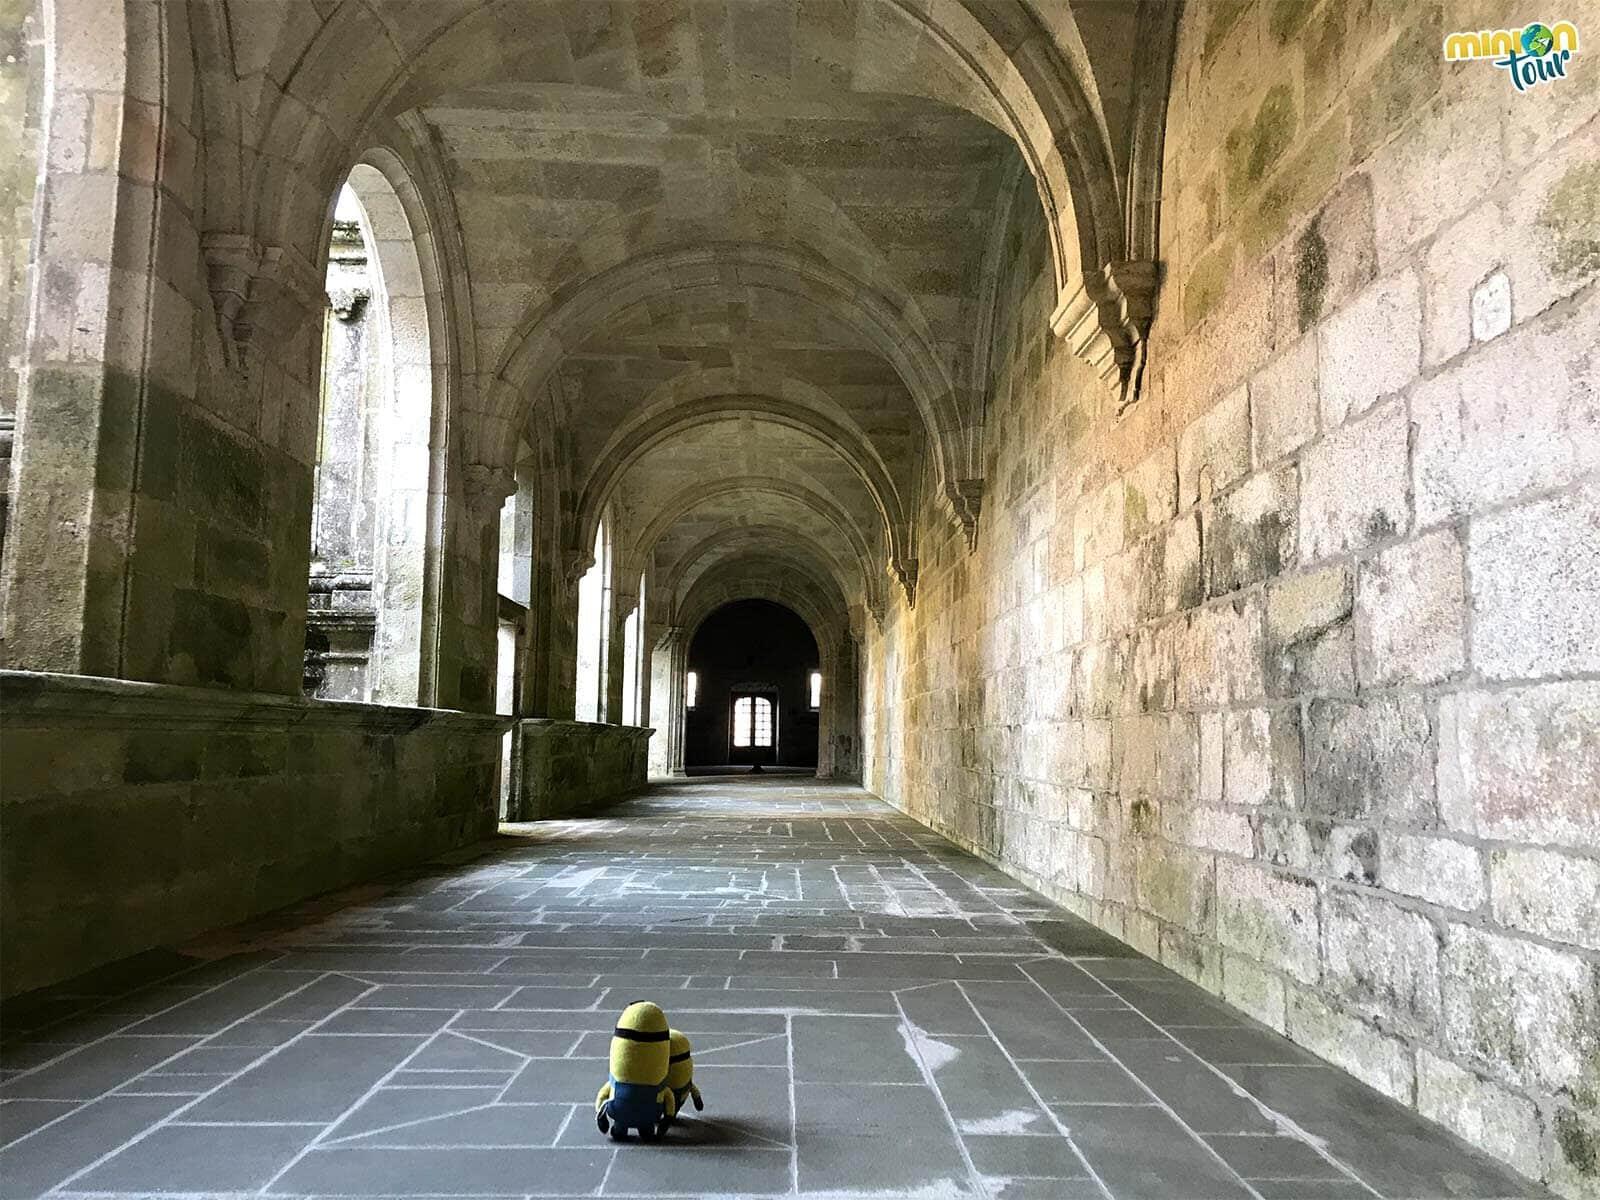 Recorriendo el Claustro de Medallones del Monasterio de Oseira en Cea